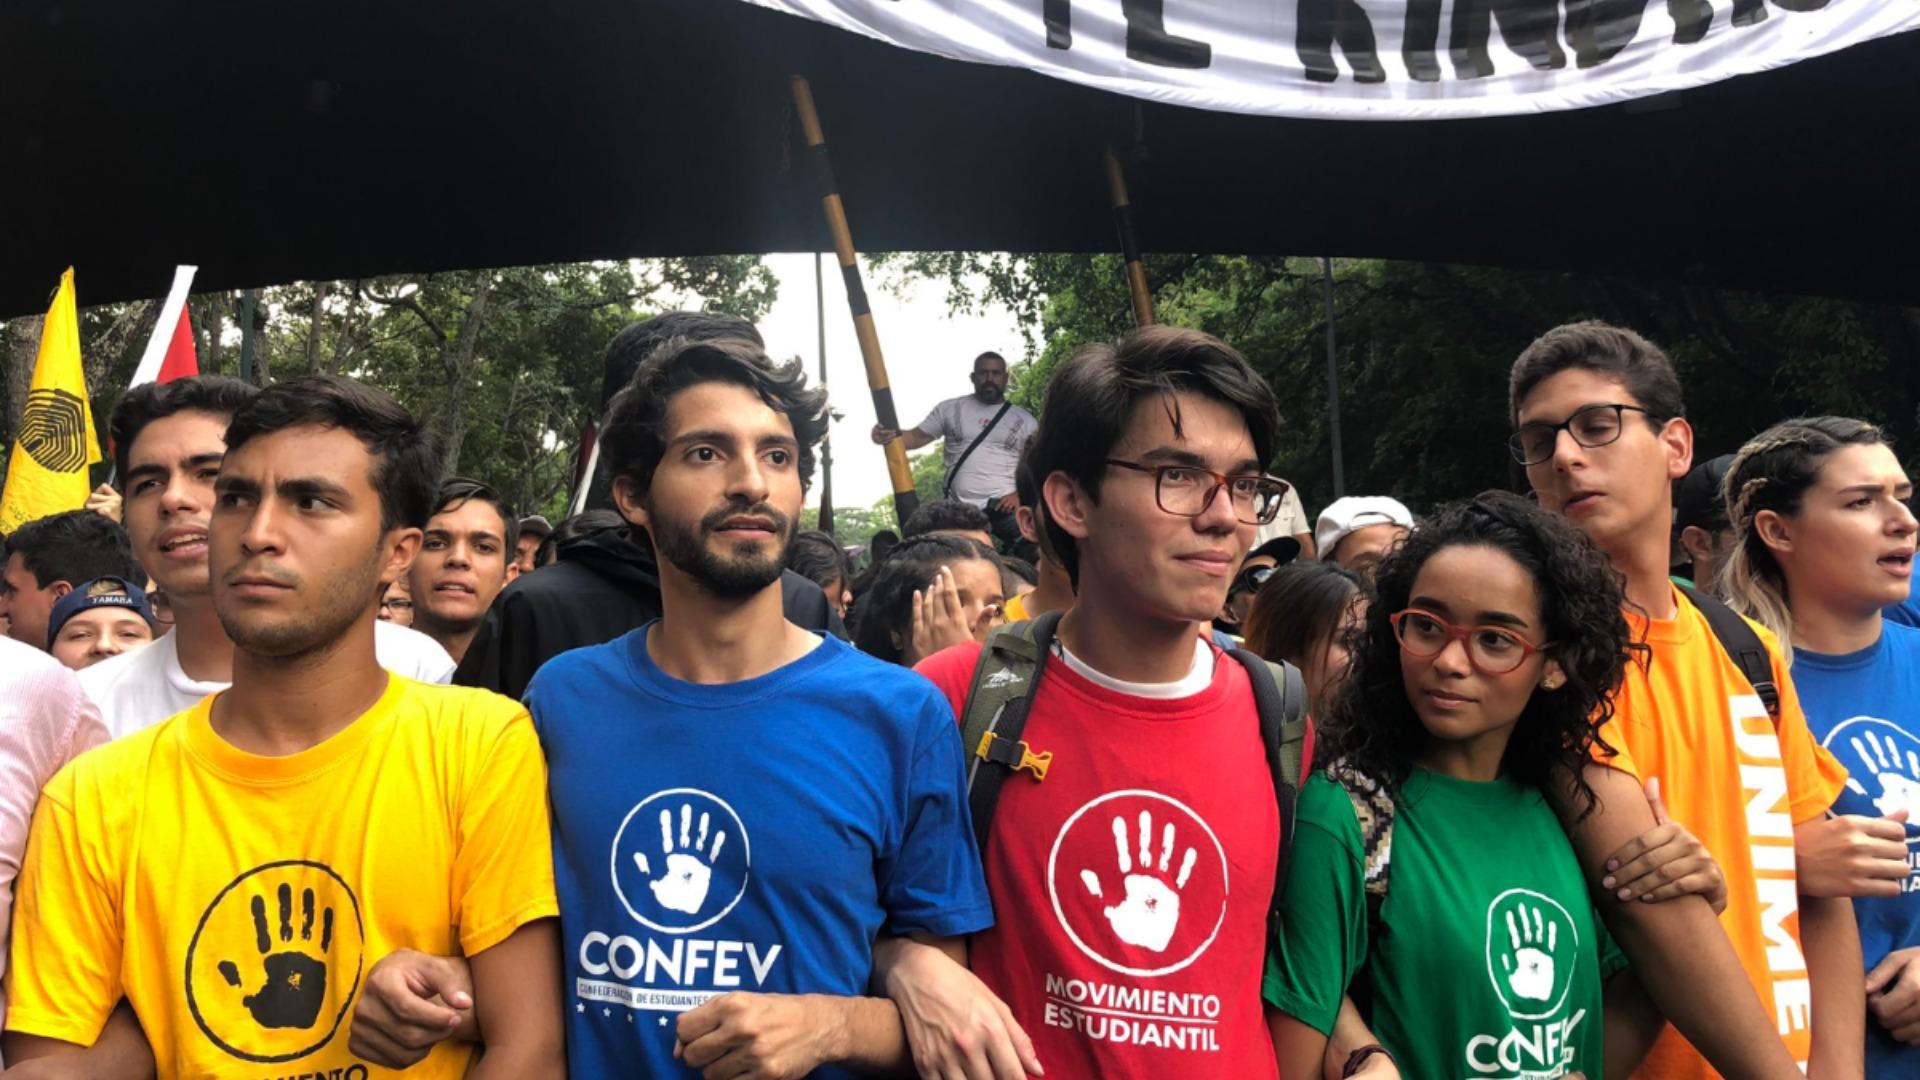 Movimiento Estudiantil entrega documento a la FANB en Fuerte Tiuna este #21Nov